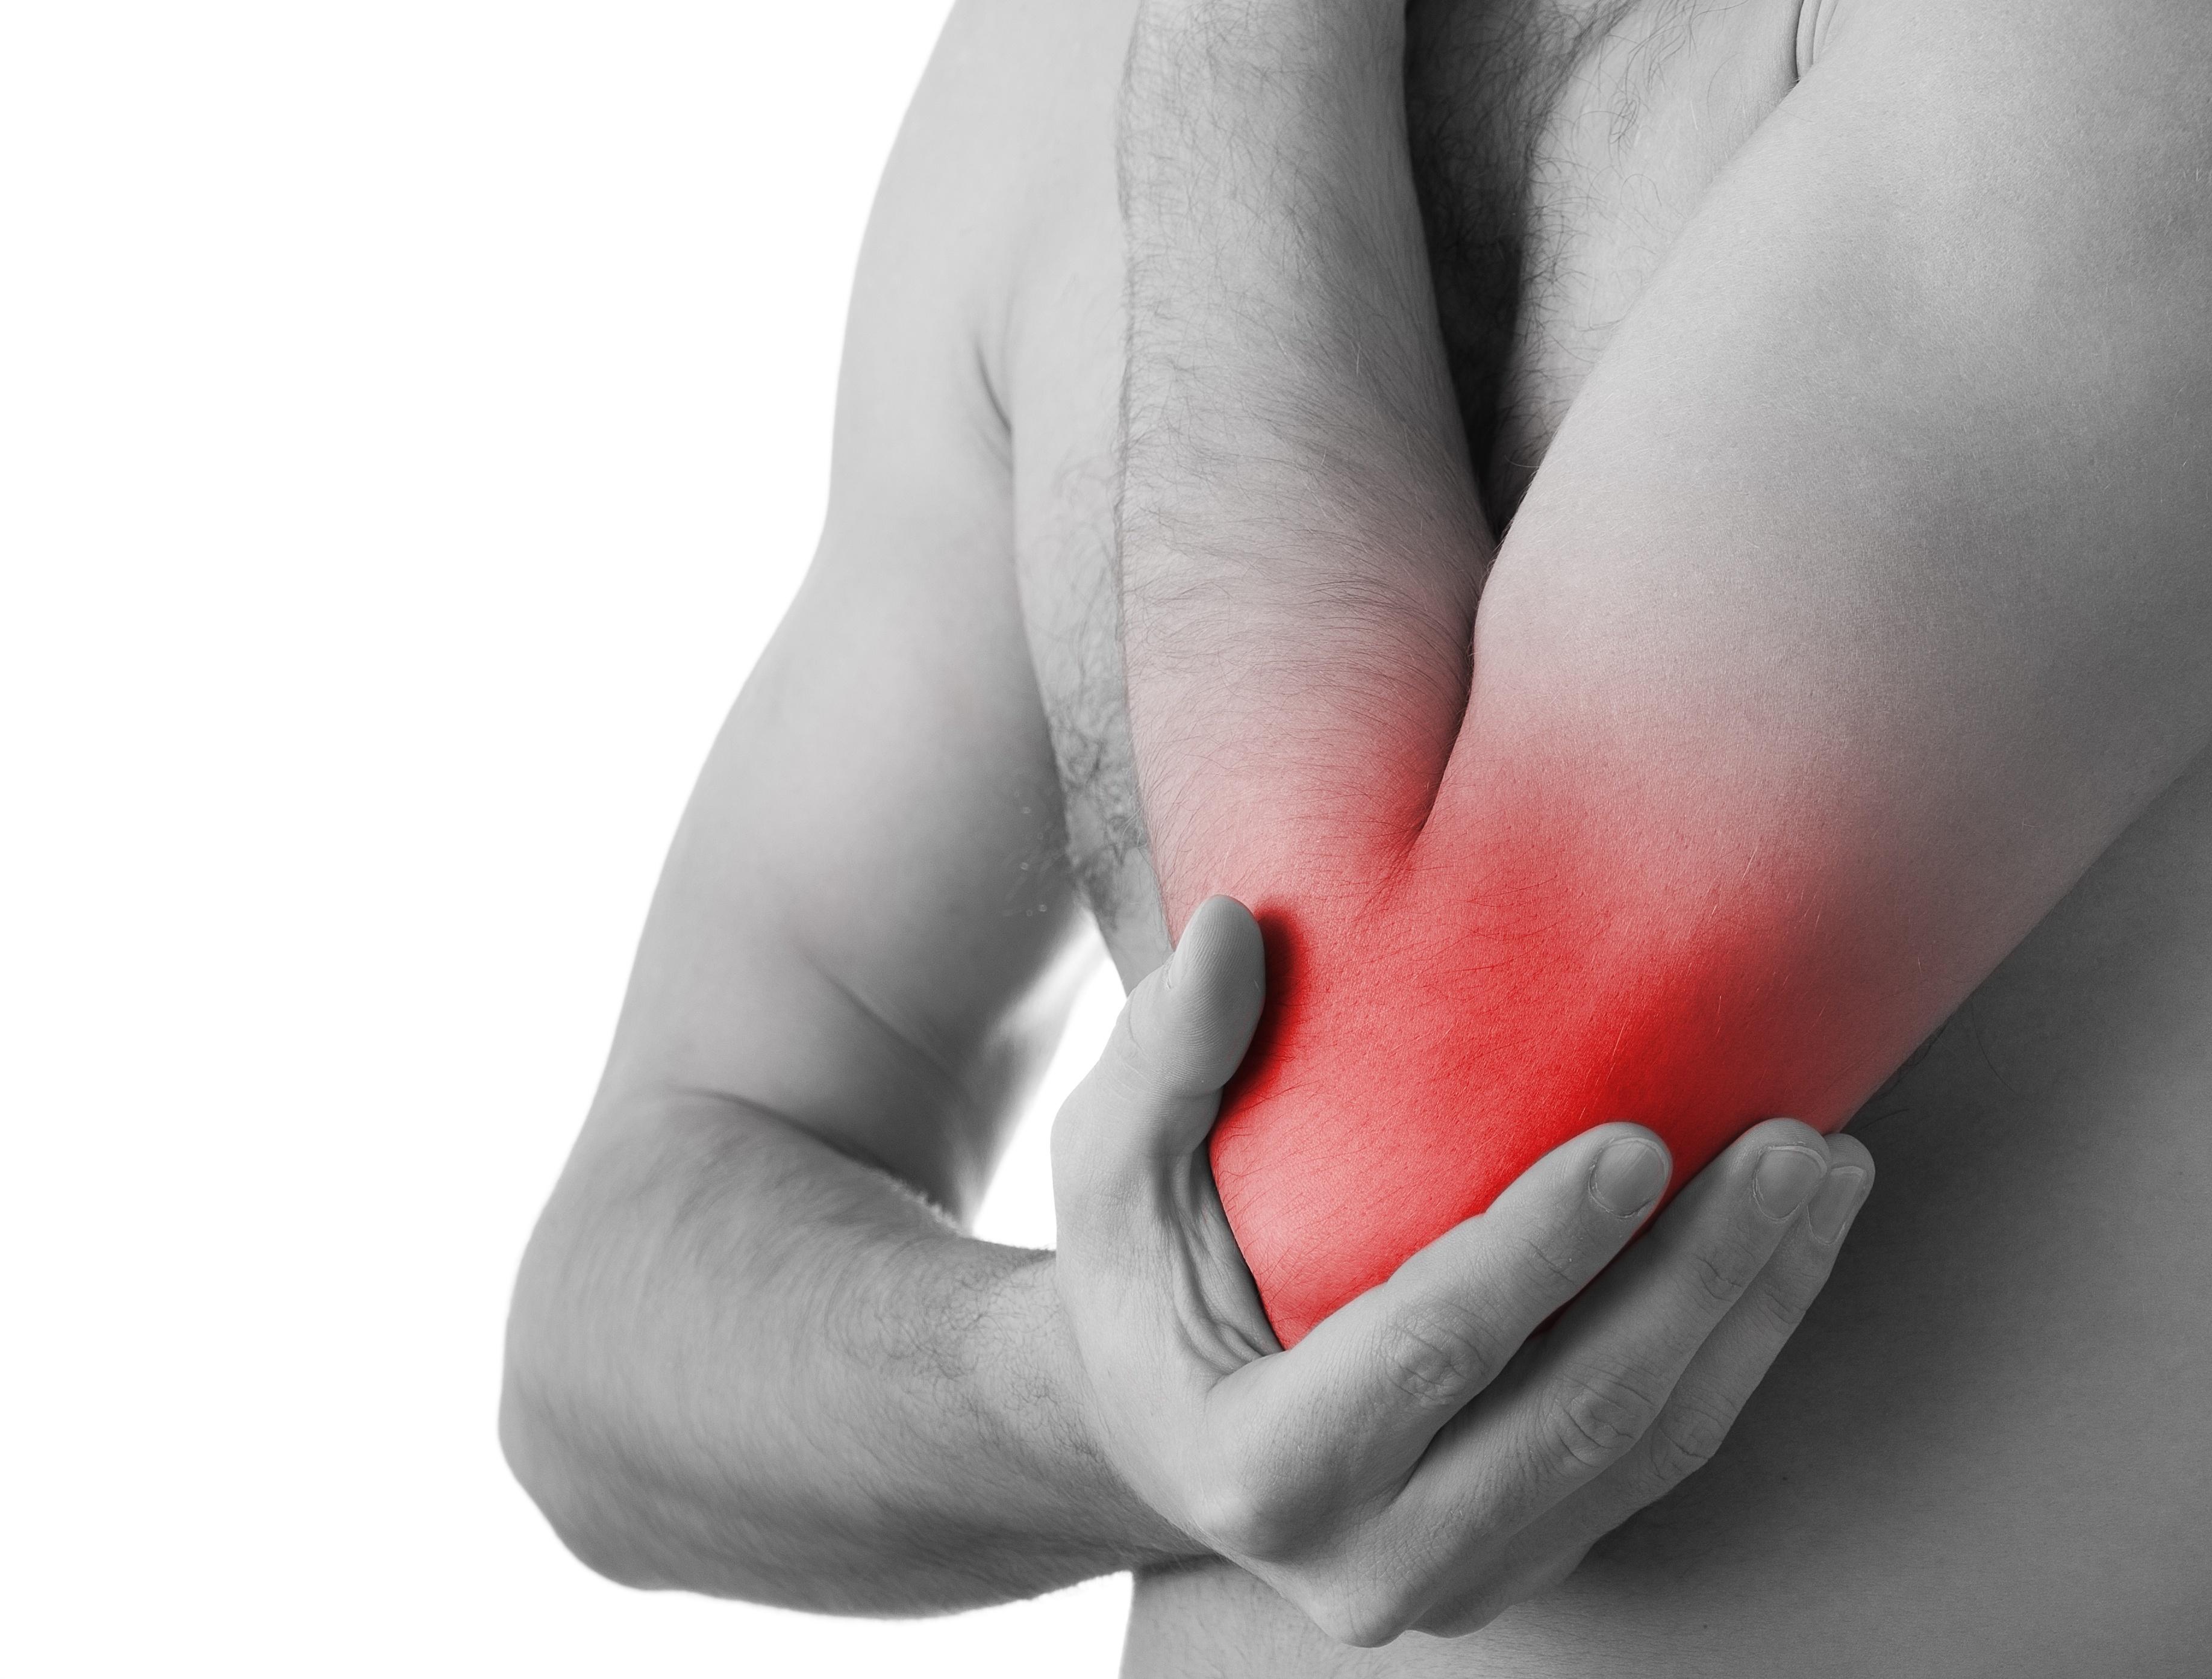 ízületi fájdalom kezelése kompresszorokkal)